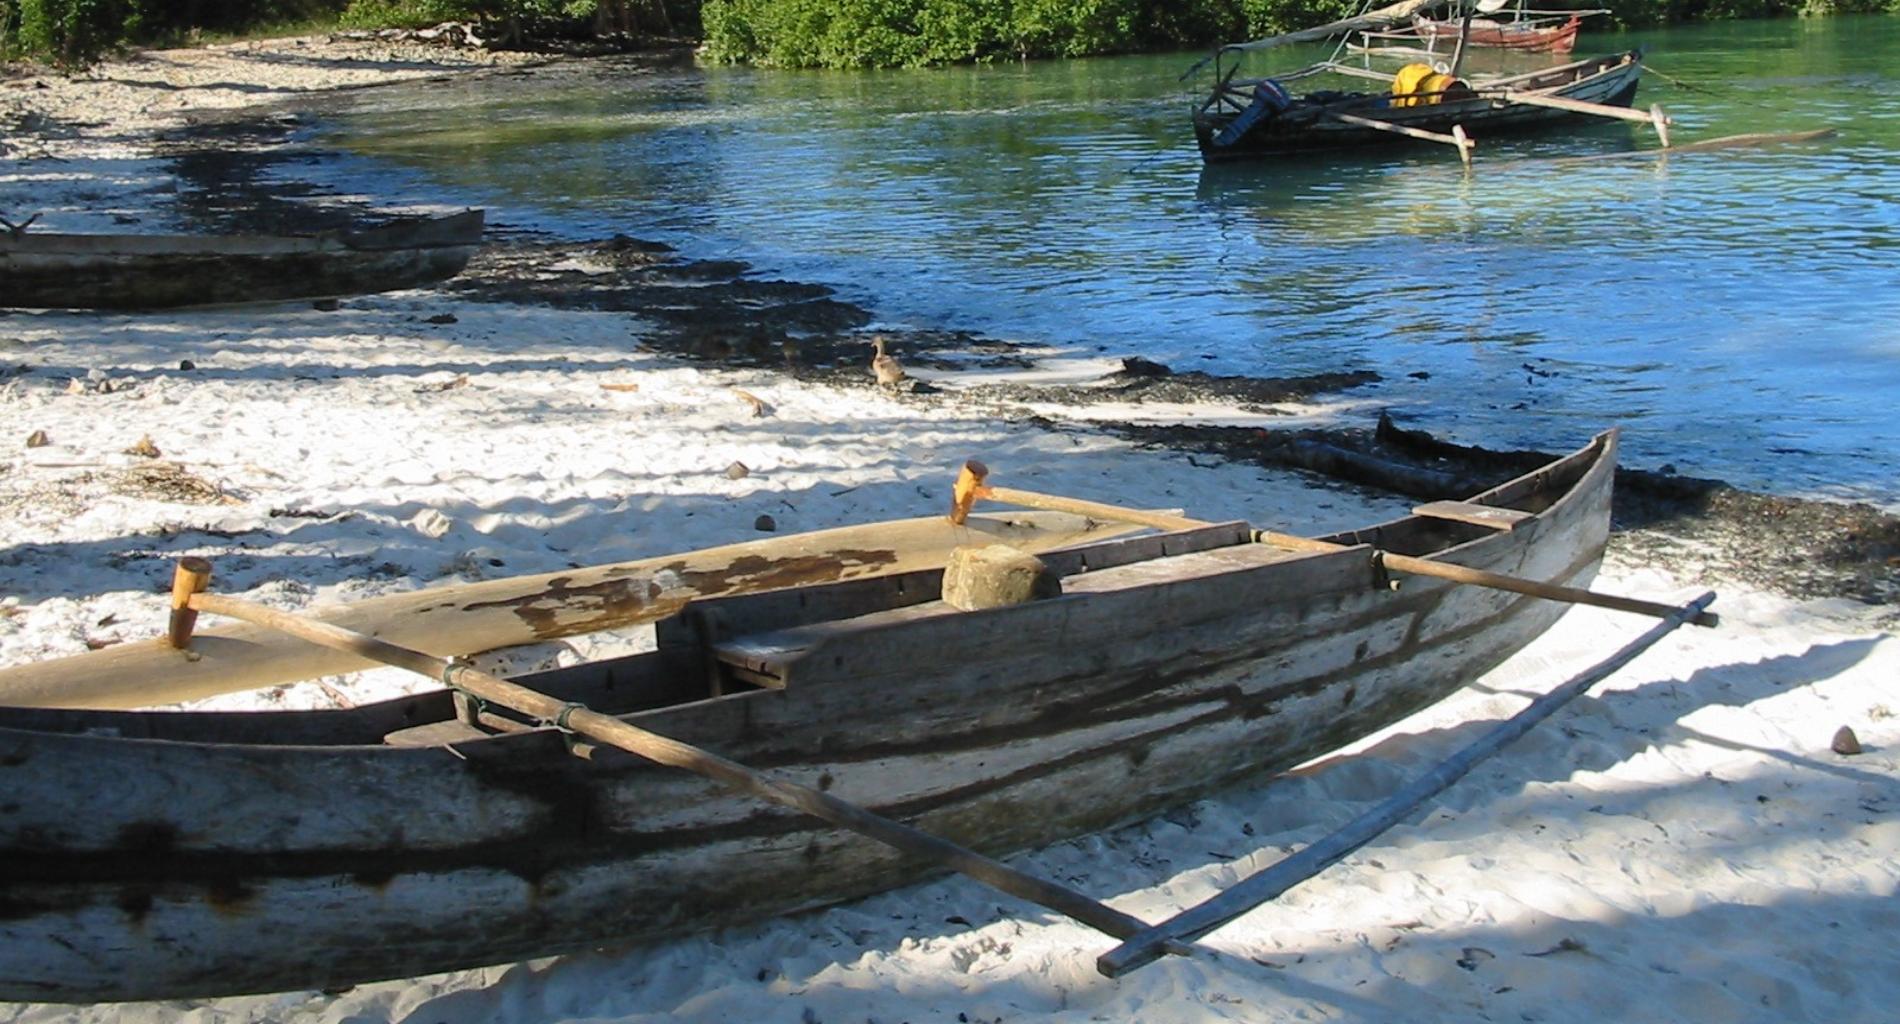 Baie de Baly National Park